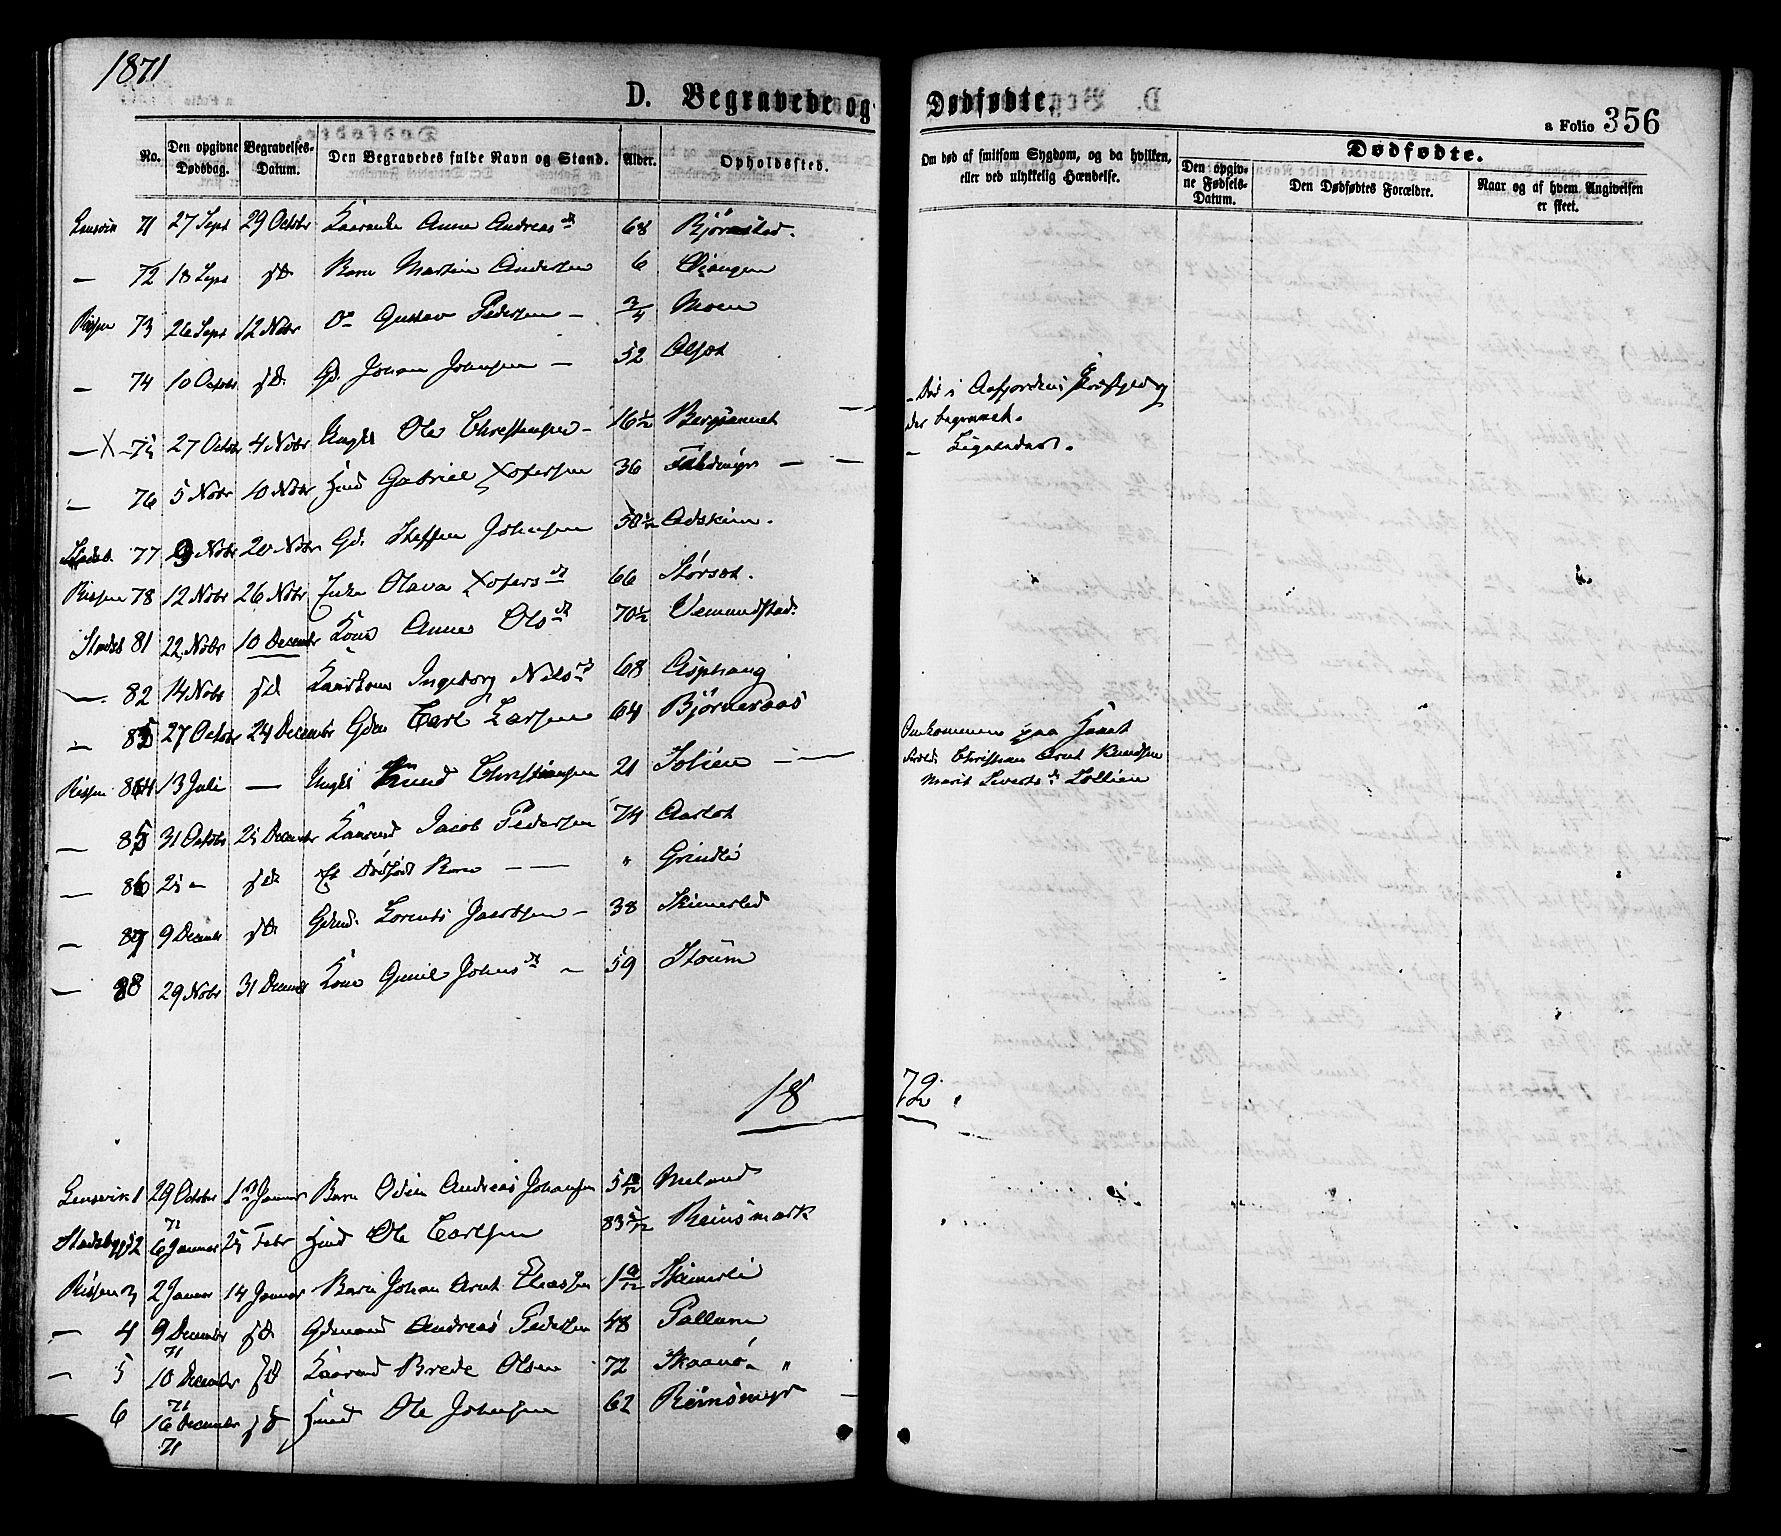 SAT, Ministerialprotokoller, klokkerbøker og fødselsregistre - Sør-Trøndelag, 646/L0613: Ministerialbok nr. 646A11, 1870-1884, s. 356